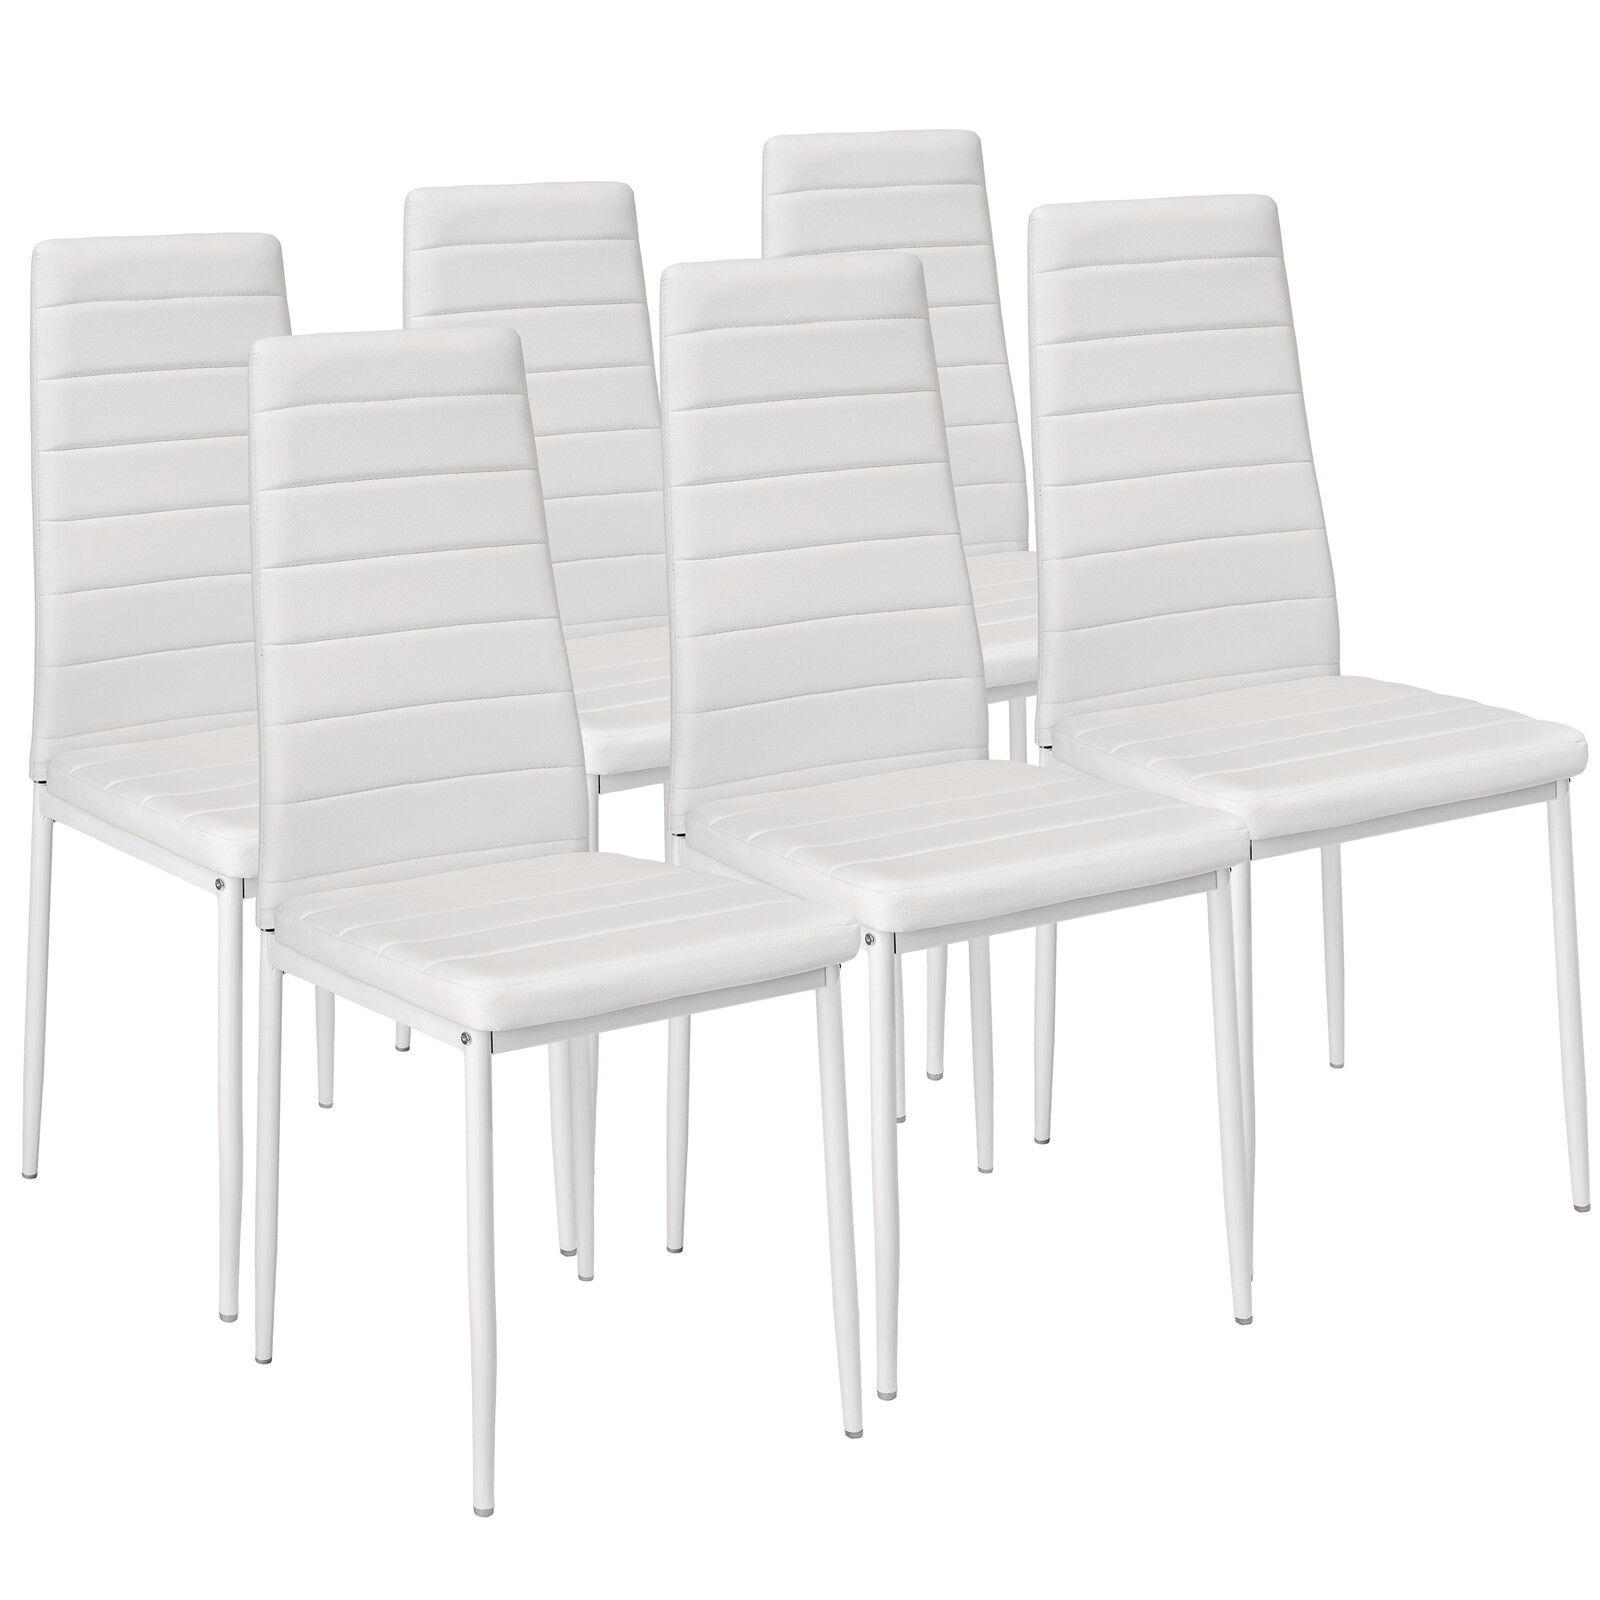 6x Sillas de comedor Juego elegantes sillas de diseño modernas cocina blanco...